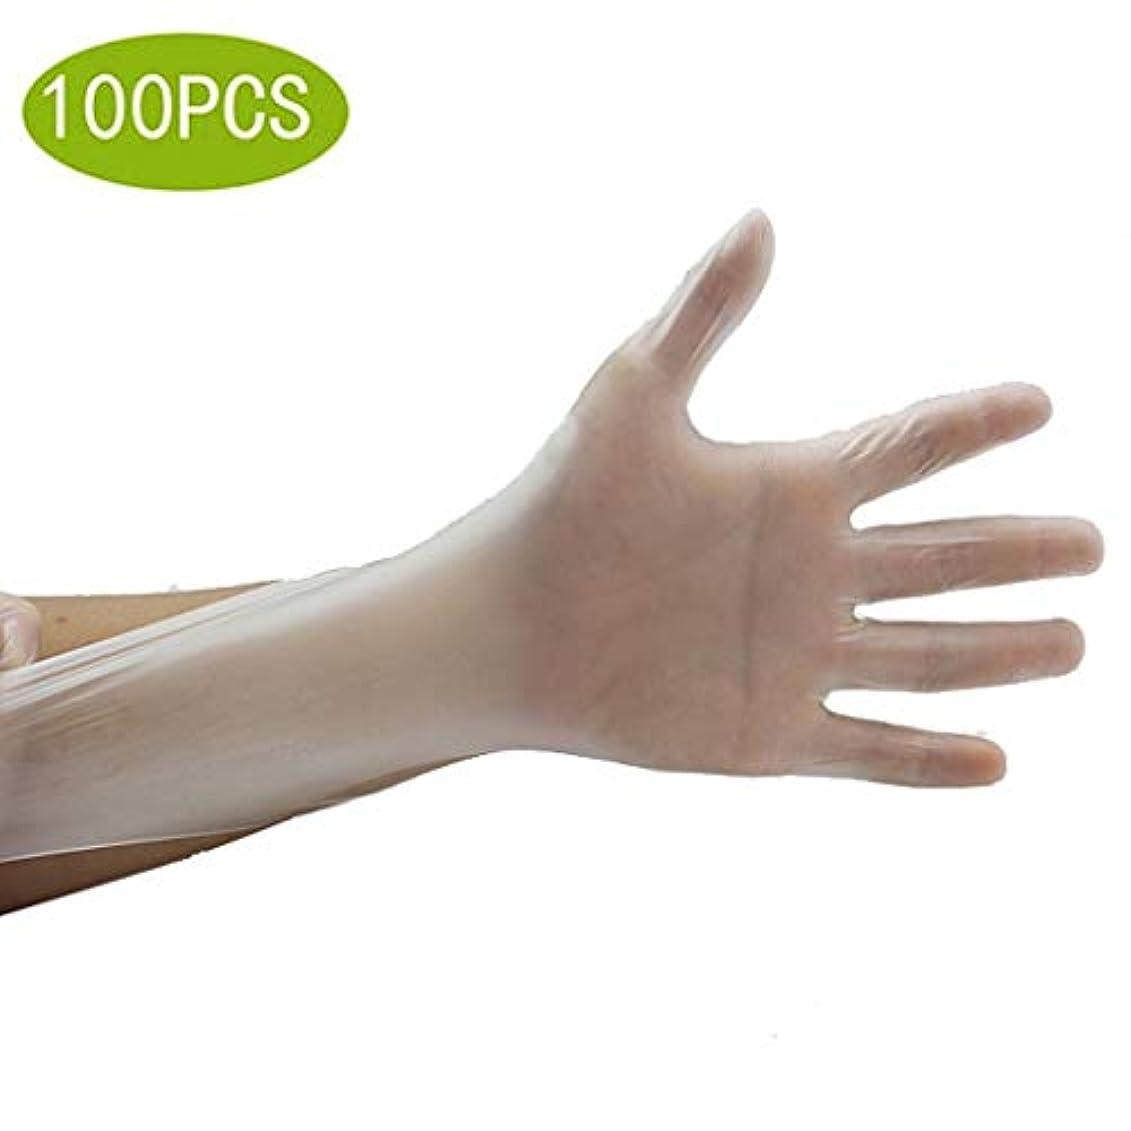 使い捨てビニール手袋、無菌、パウダーフリー、スムースタッチ、フードサービスグレード、ミディアムサイズ[100パック] (Color : White)